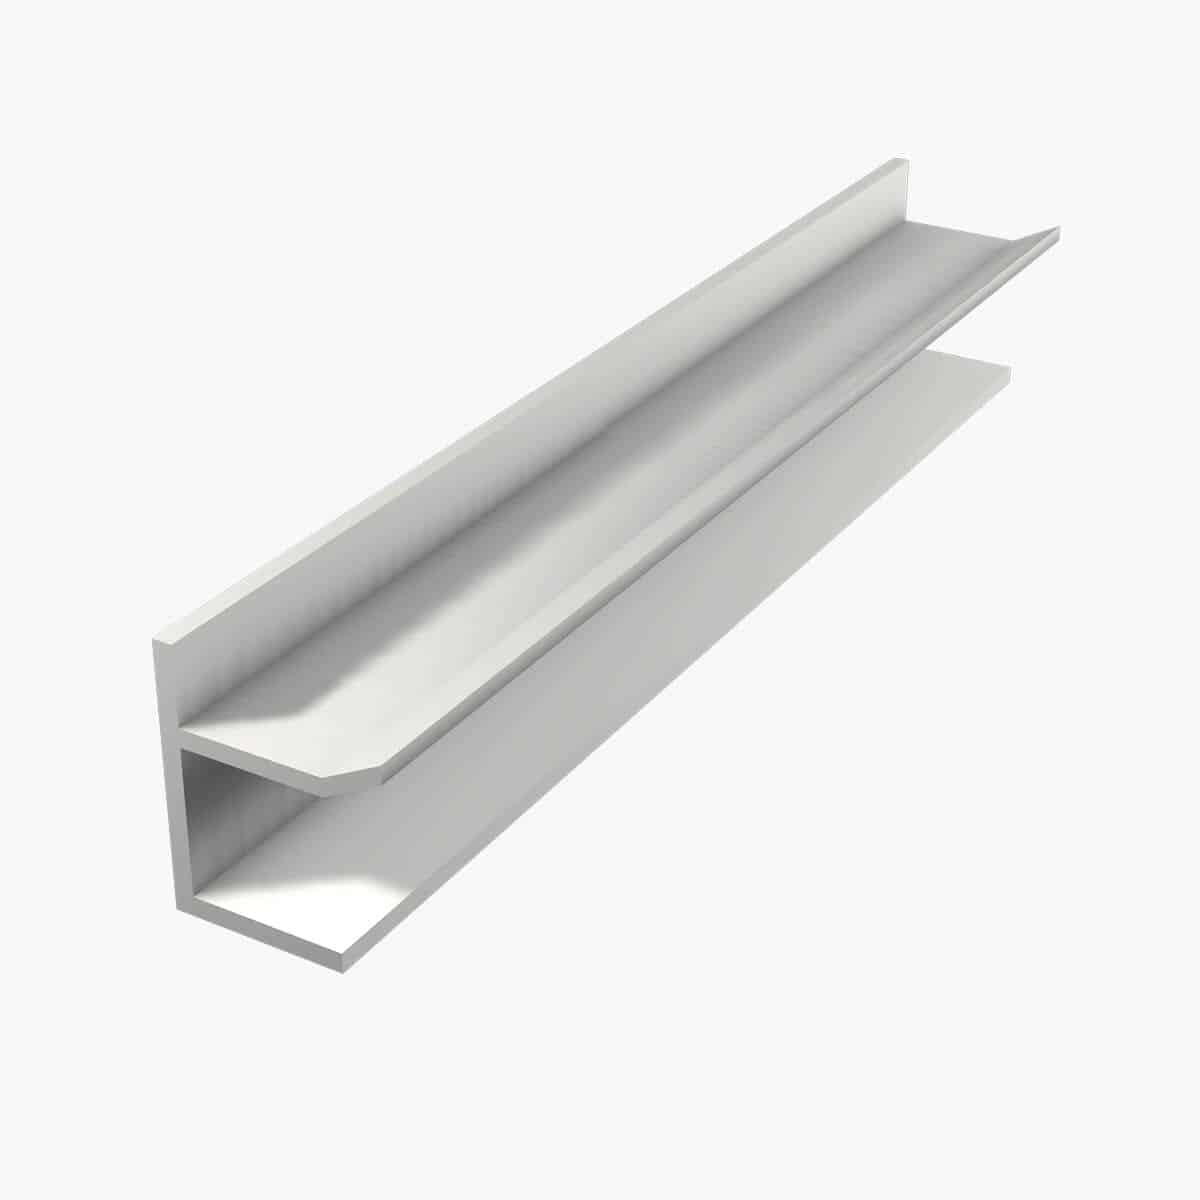 TEMPOLISTEL 115 - Profil de finition placoplatre